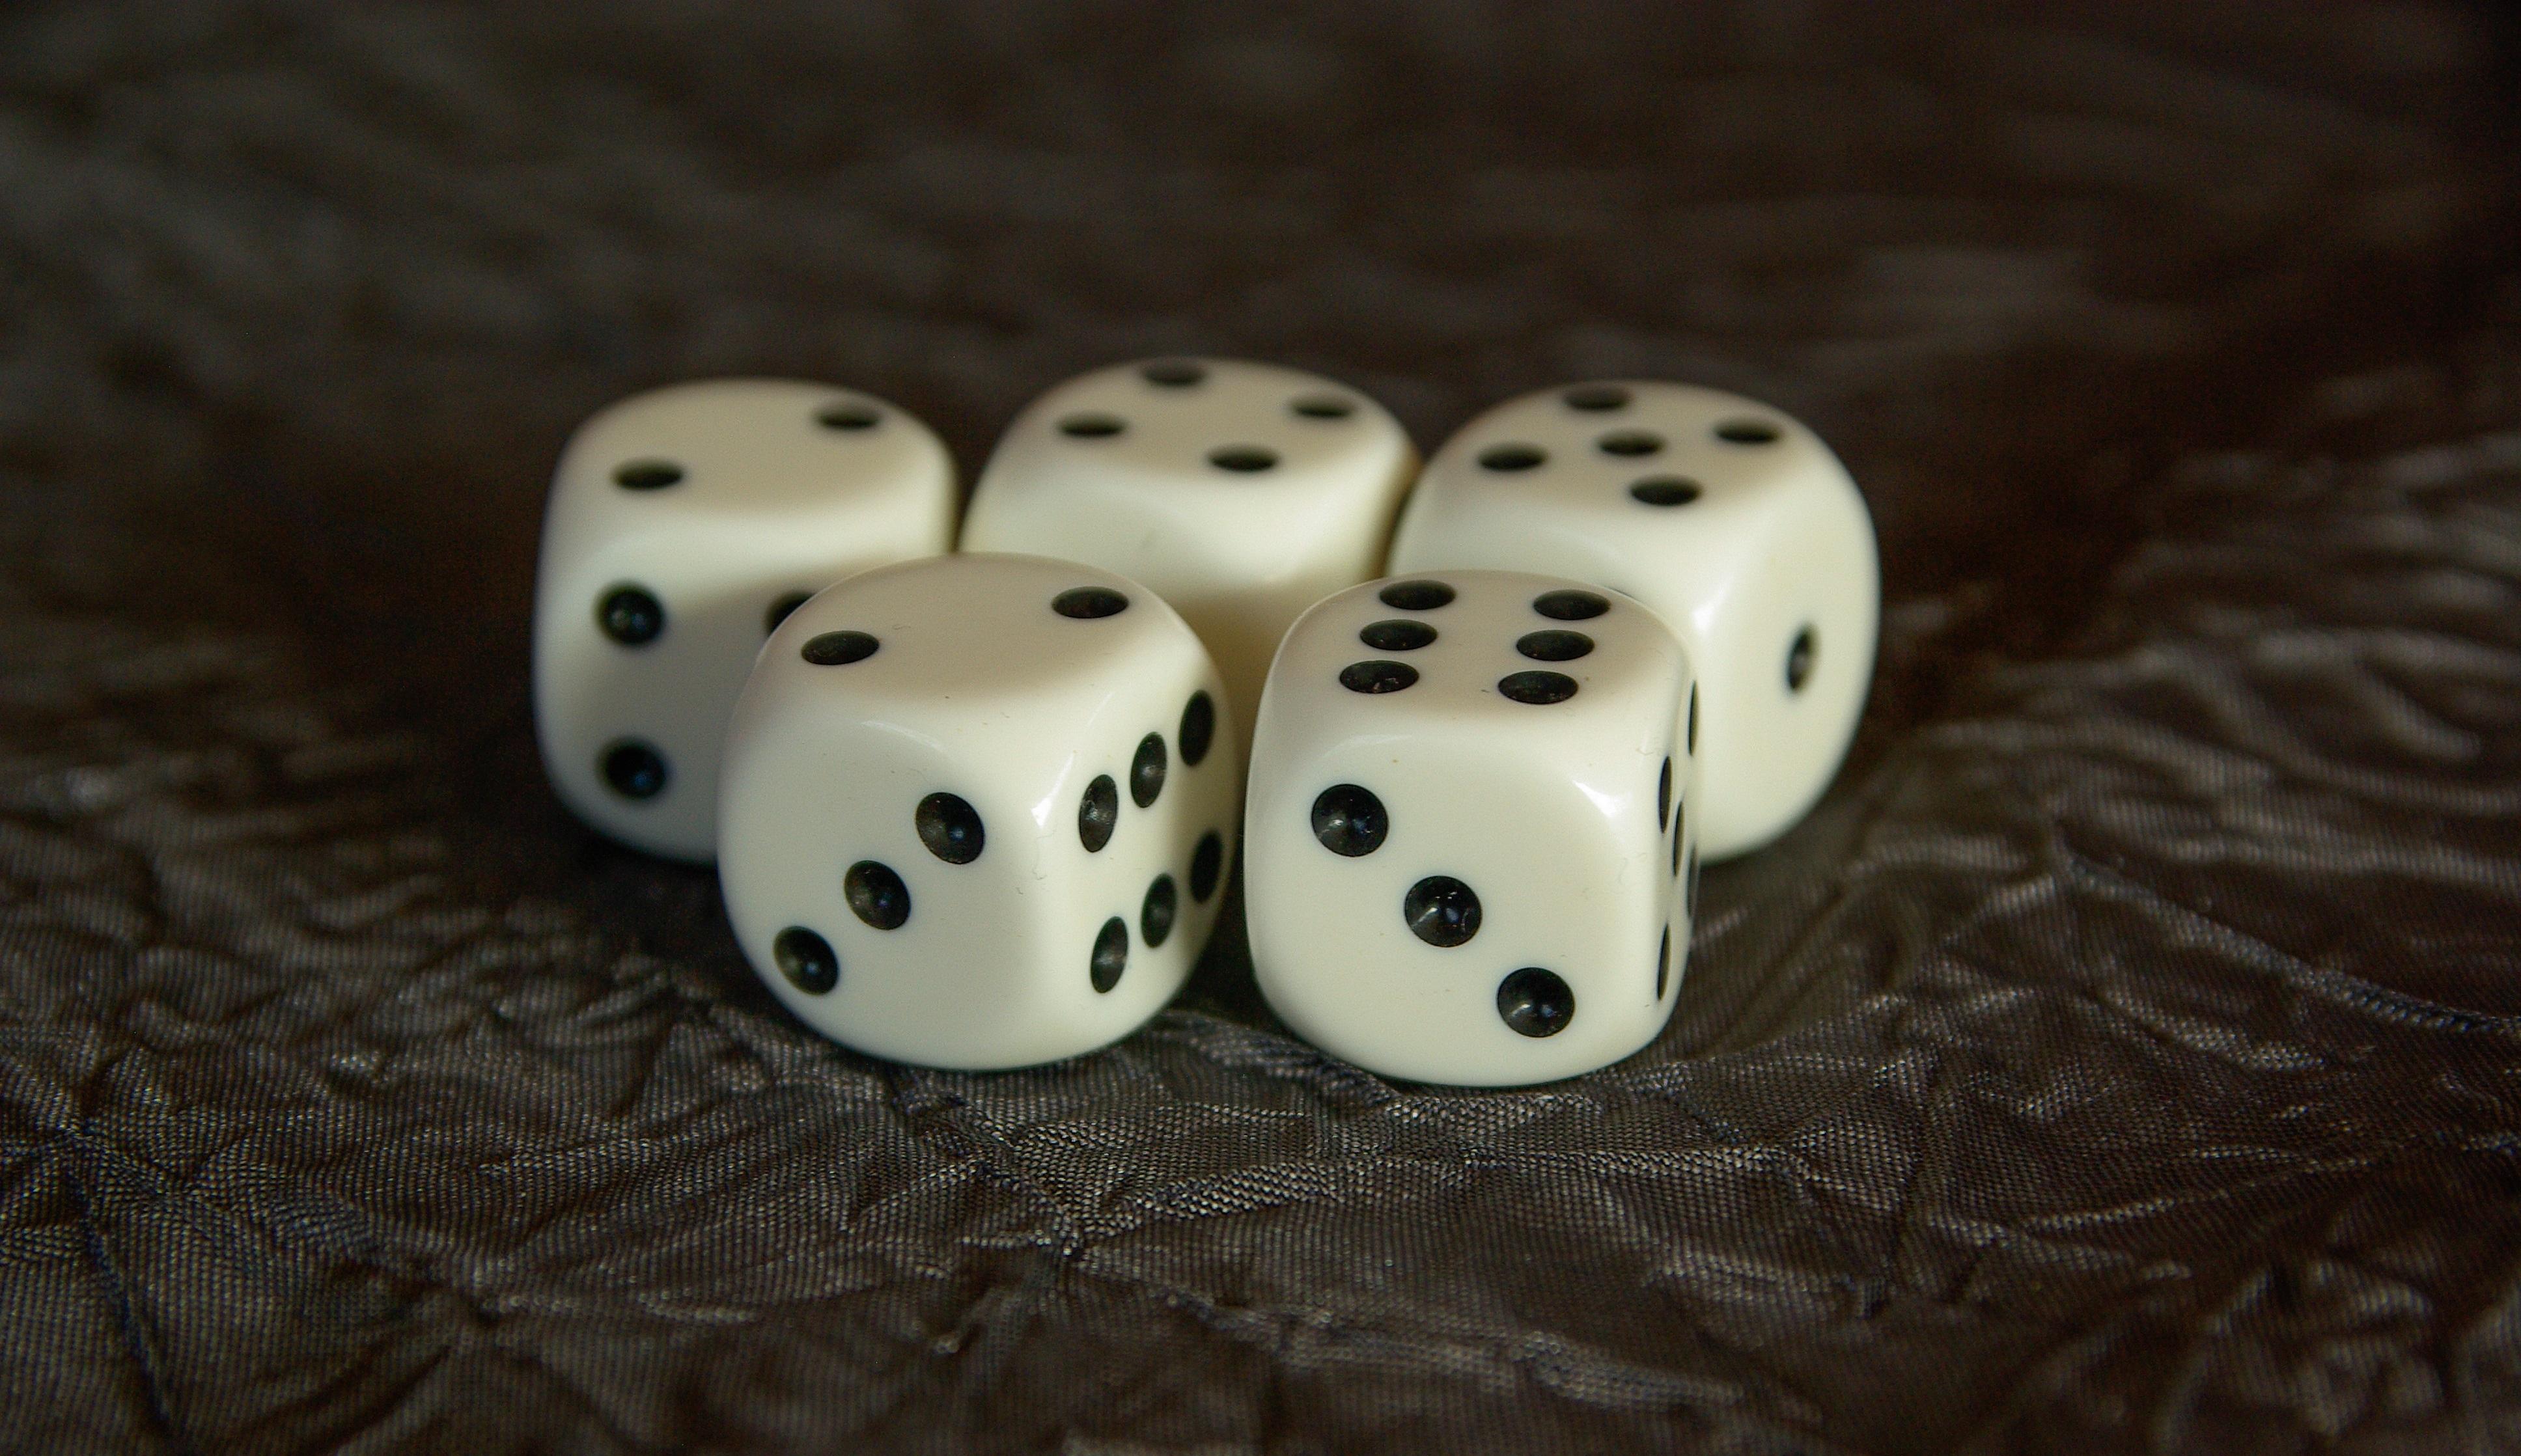 картинки кубиков для игры в кости самом деле цинерария